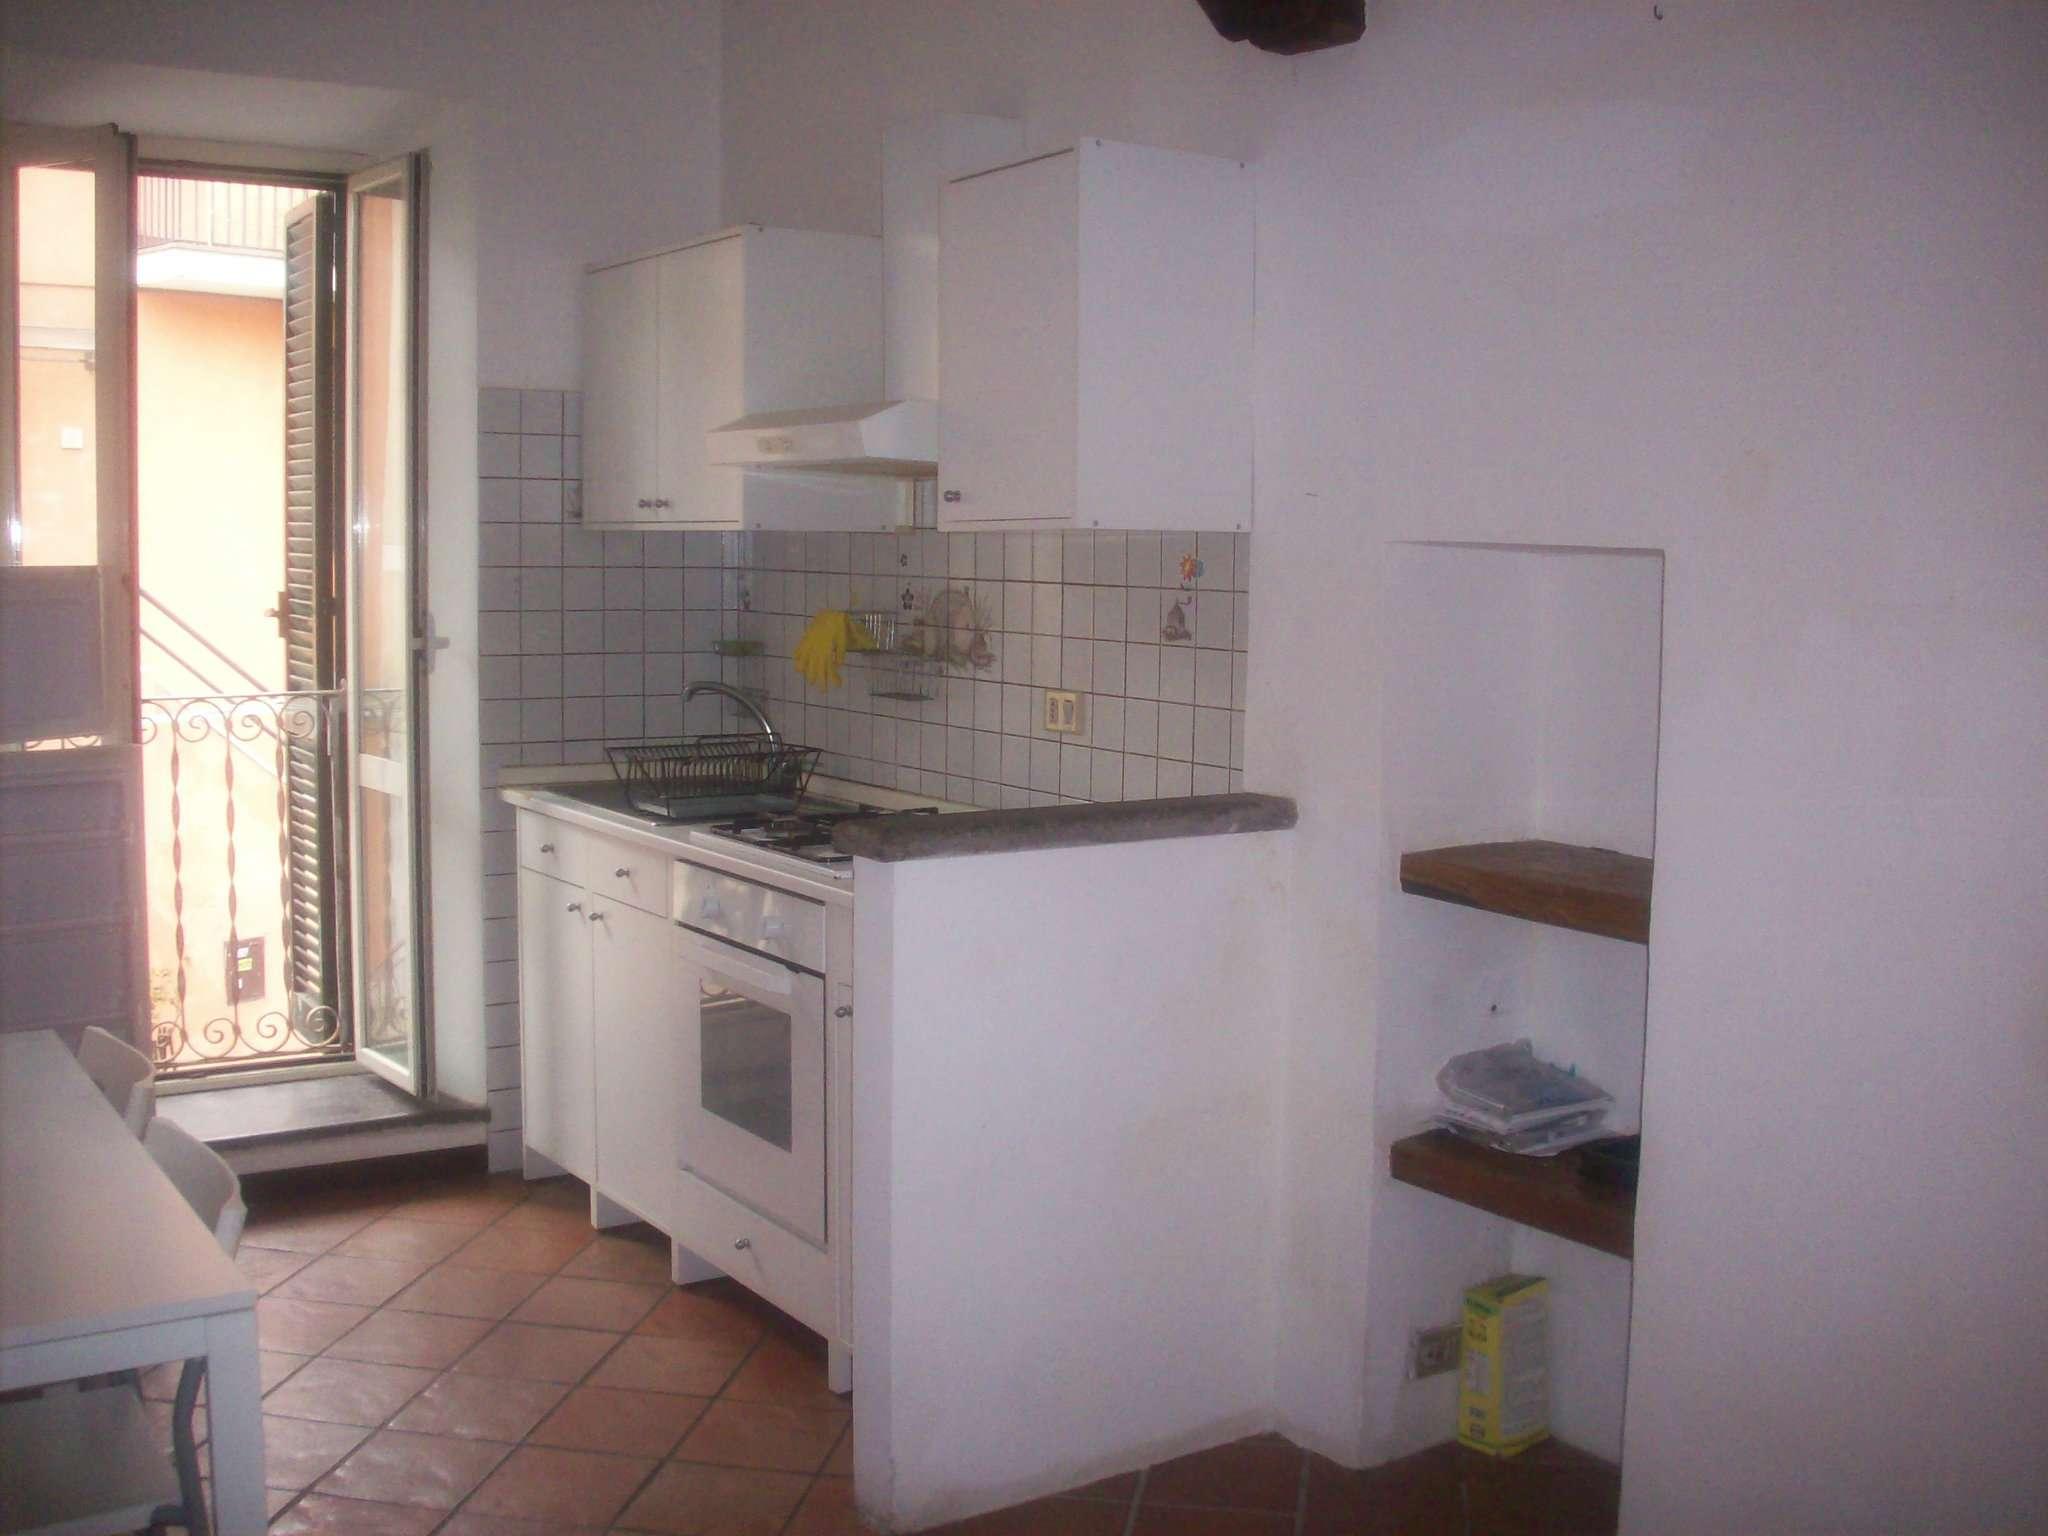 Ariccia centro storico grazioso appartamento indip. arredato